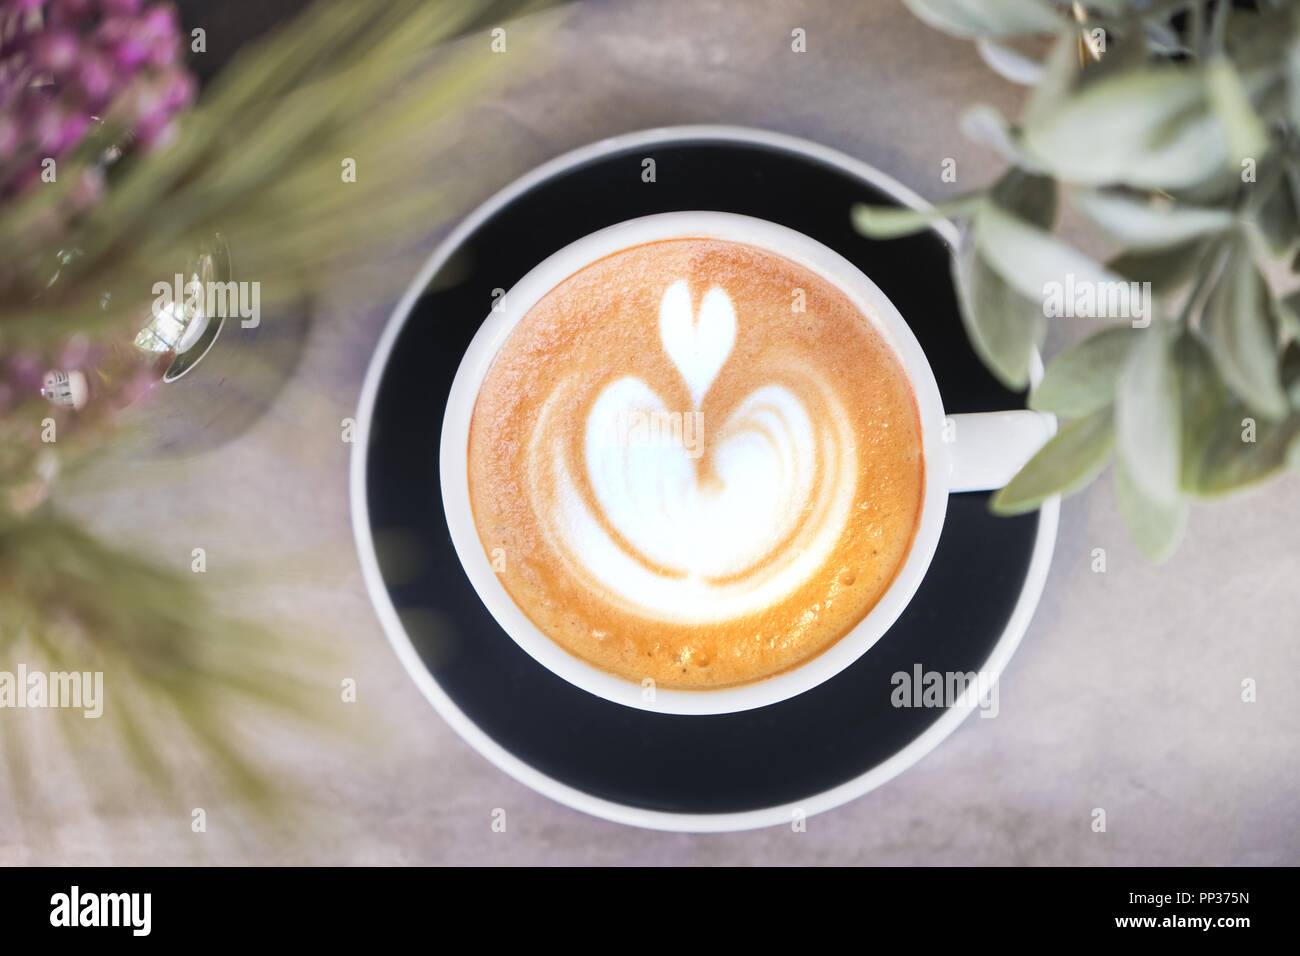 Blick von oben auf die heißen Cappuccino in schwarz Tasse mit Latte Art auf grauem Beton Zähler mit grüne Pflanze und Boden im Vordergrund, Essen und Trinken Konzept Stockbild